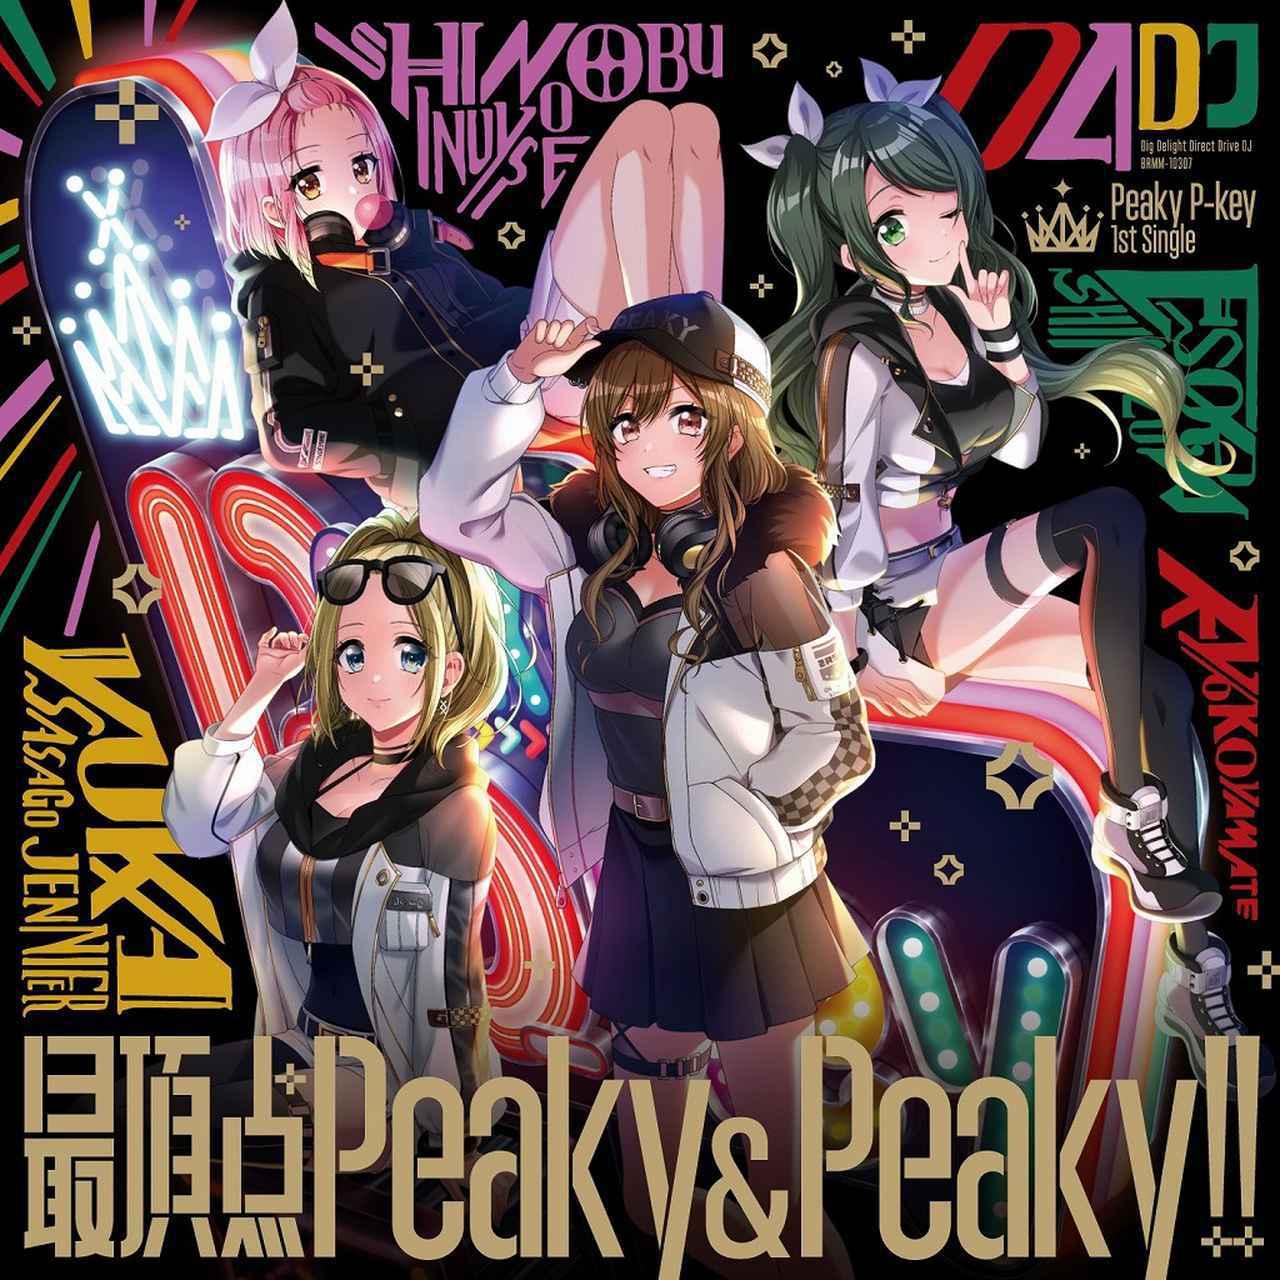 画像: 最頂点Peaky&Peaky!! / Peaky P-key